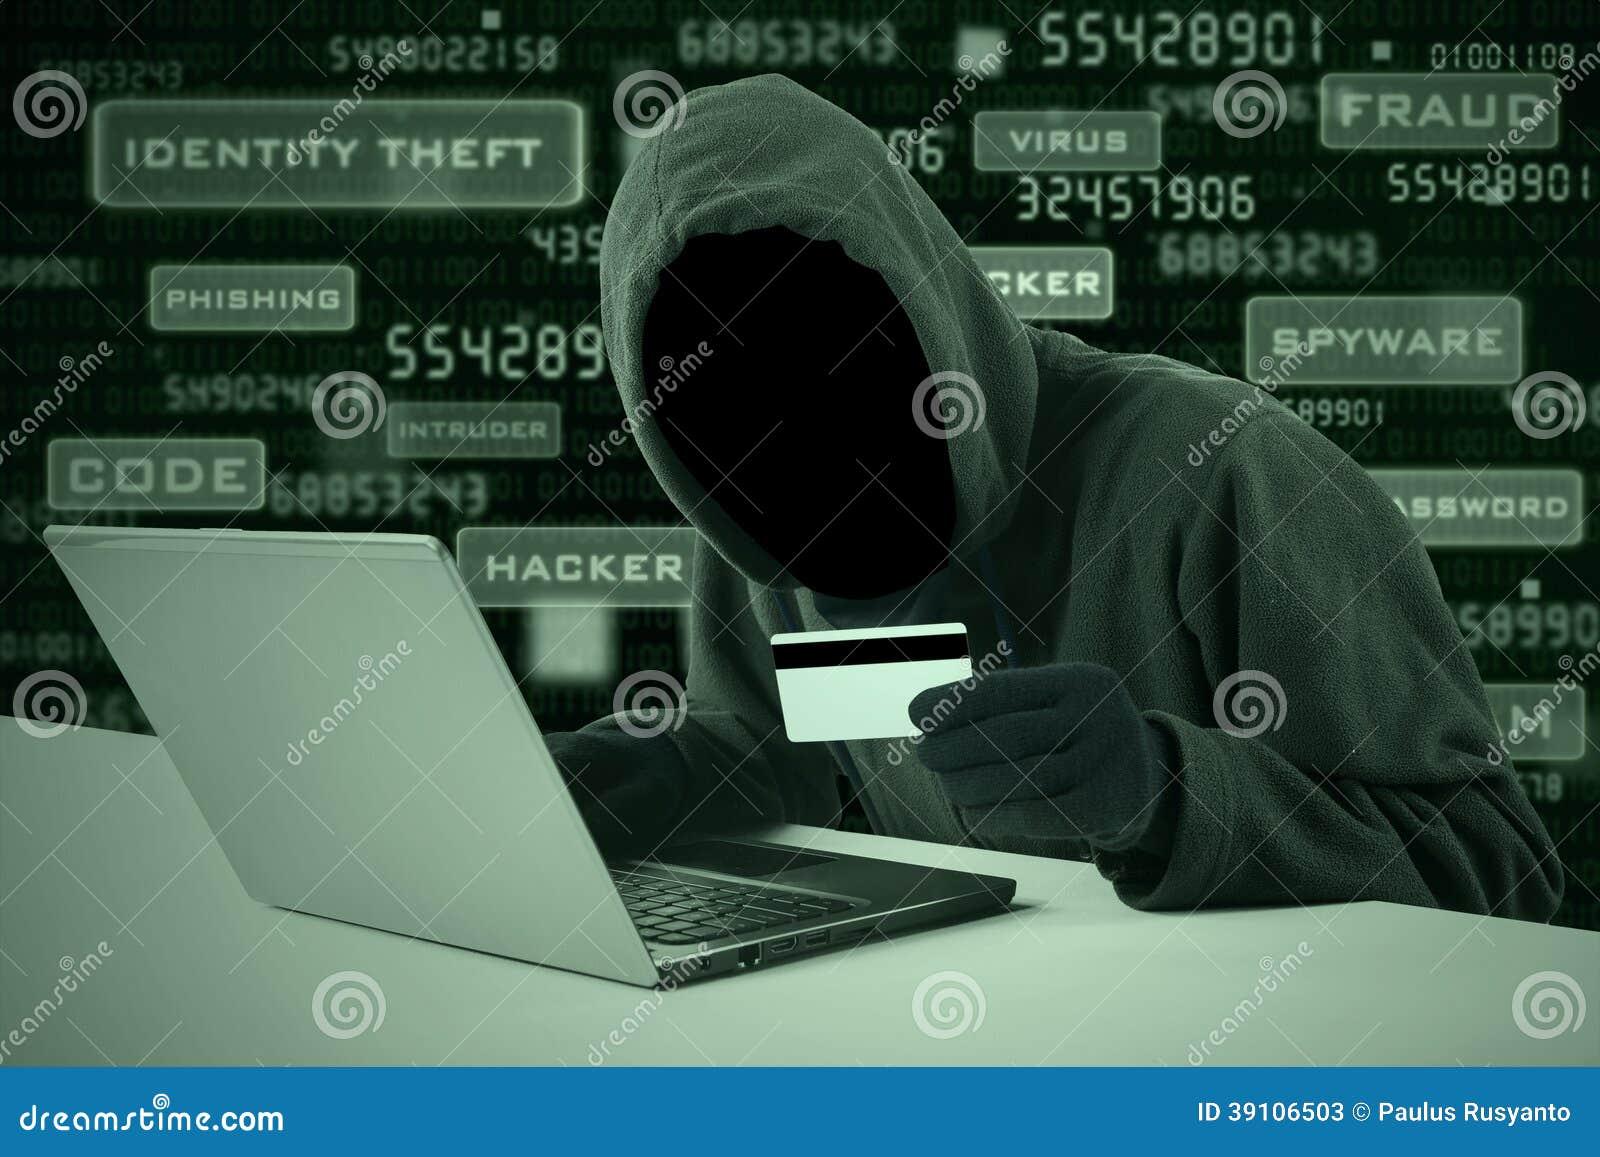 Aantal van de hakker stealing creditcard